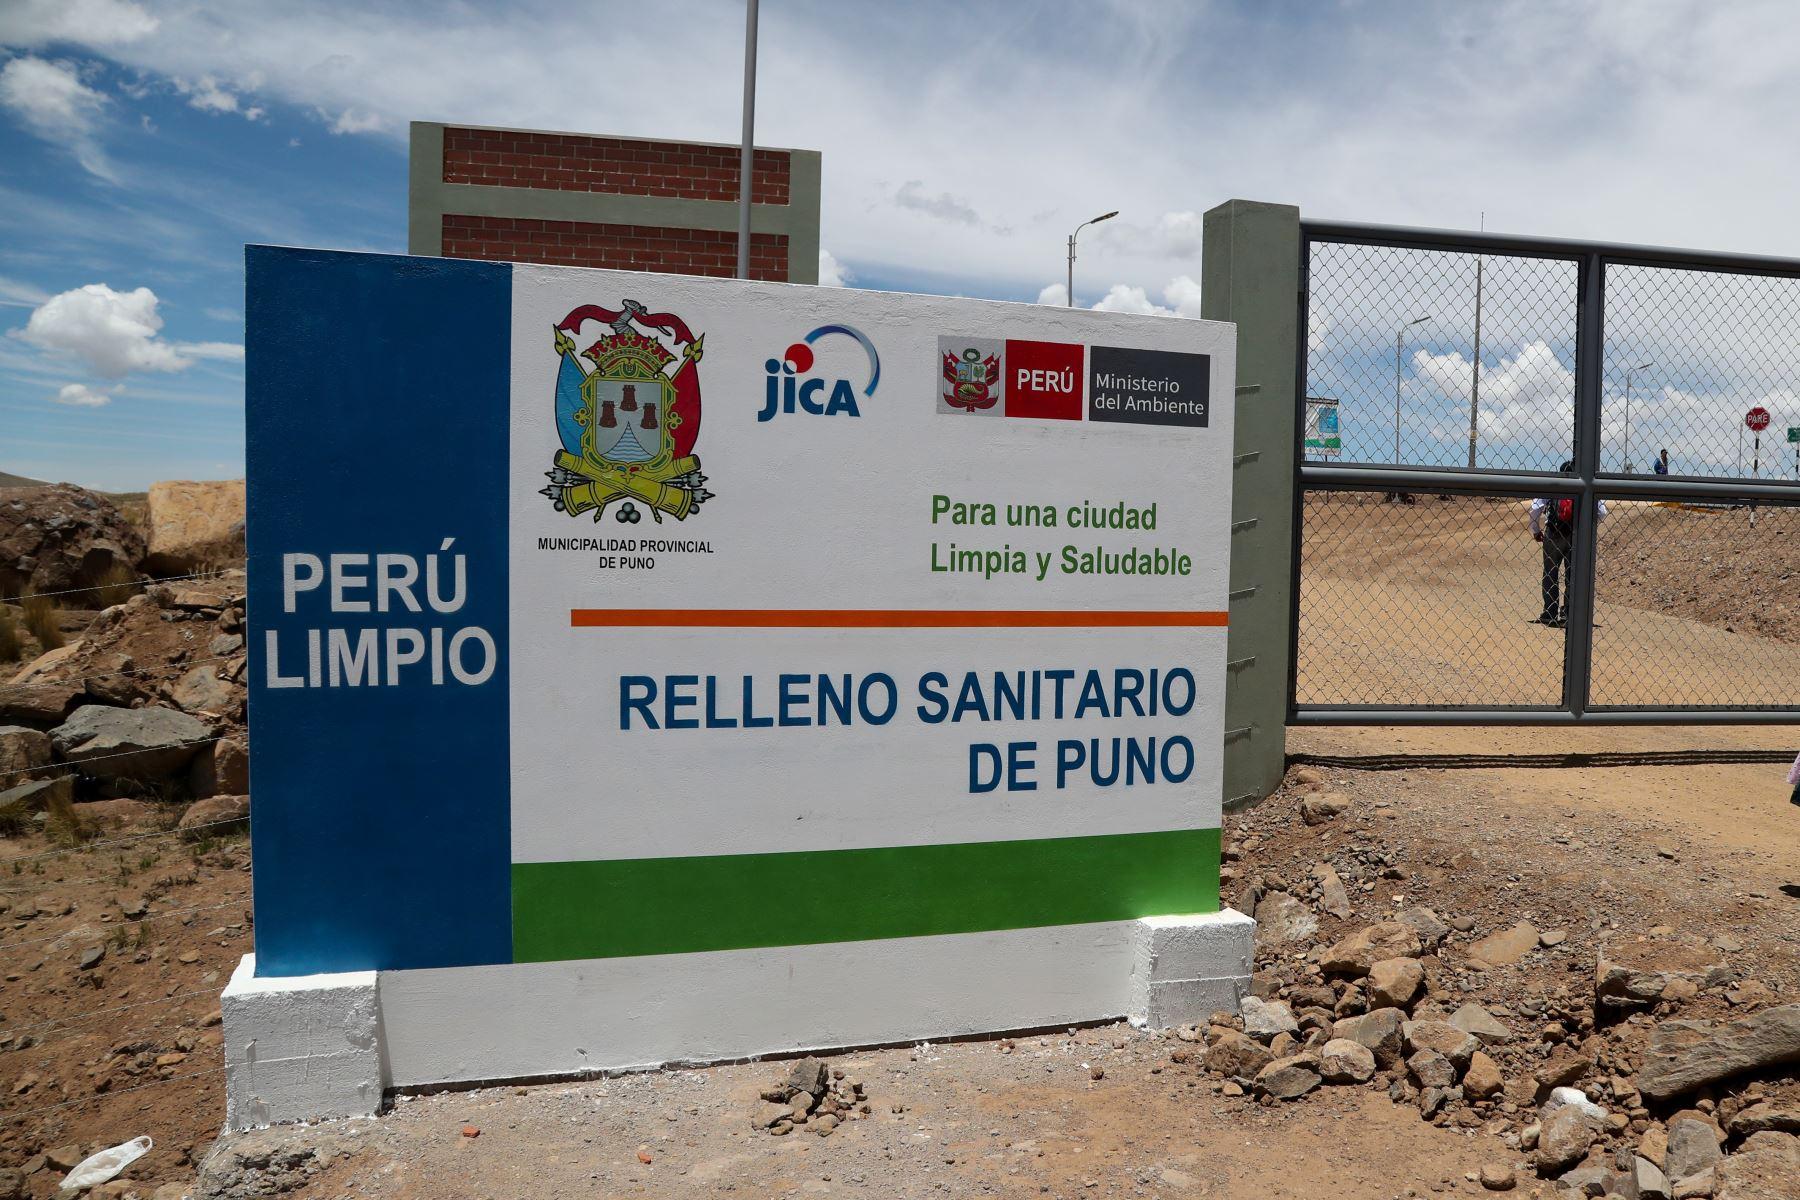 La ciudad de Puno ya cuenta con un nuevo relleno sanitario y planta de valorización.